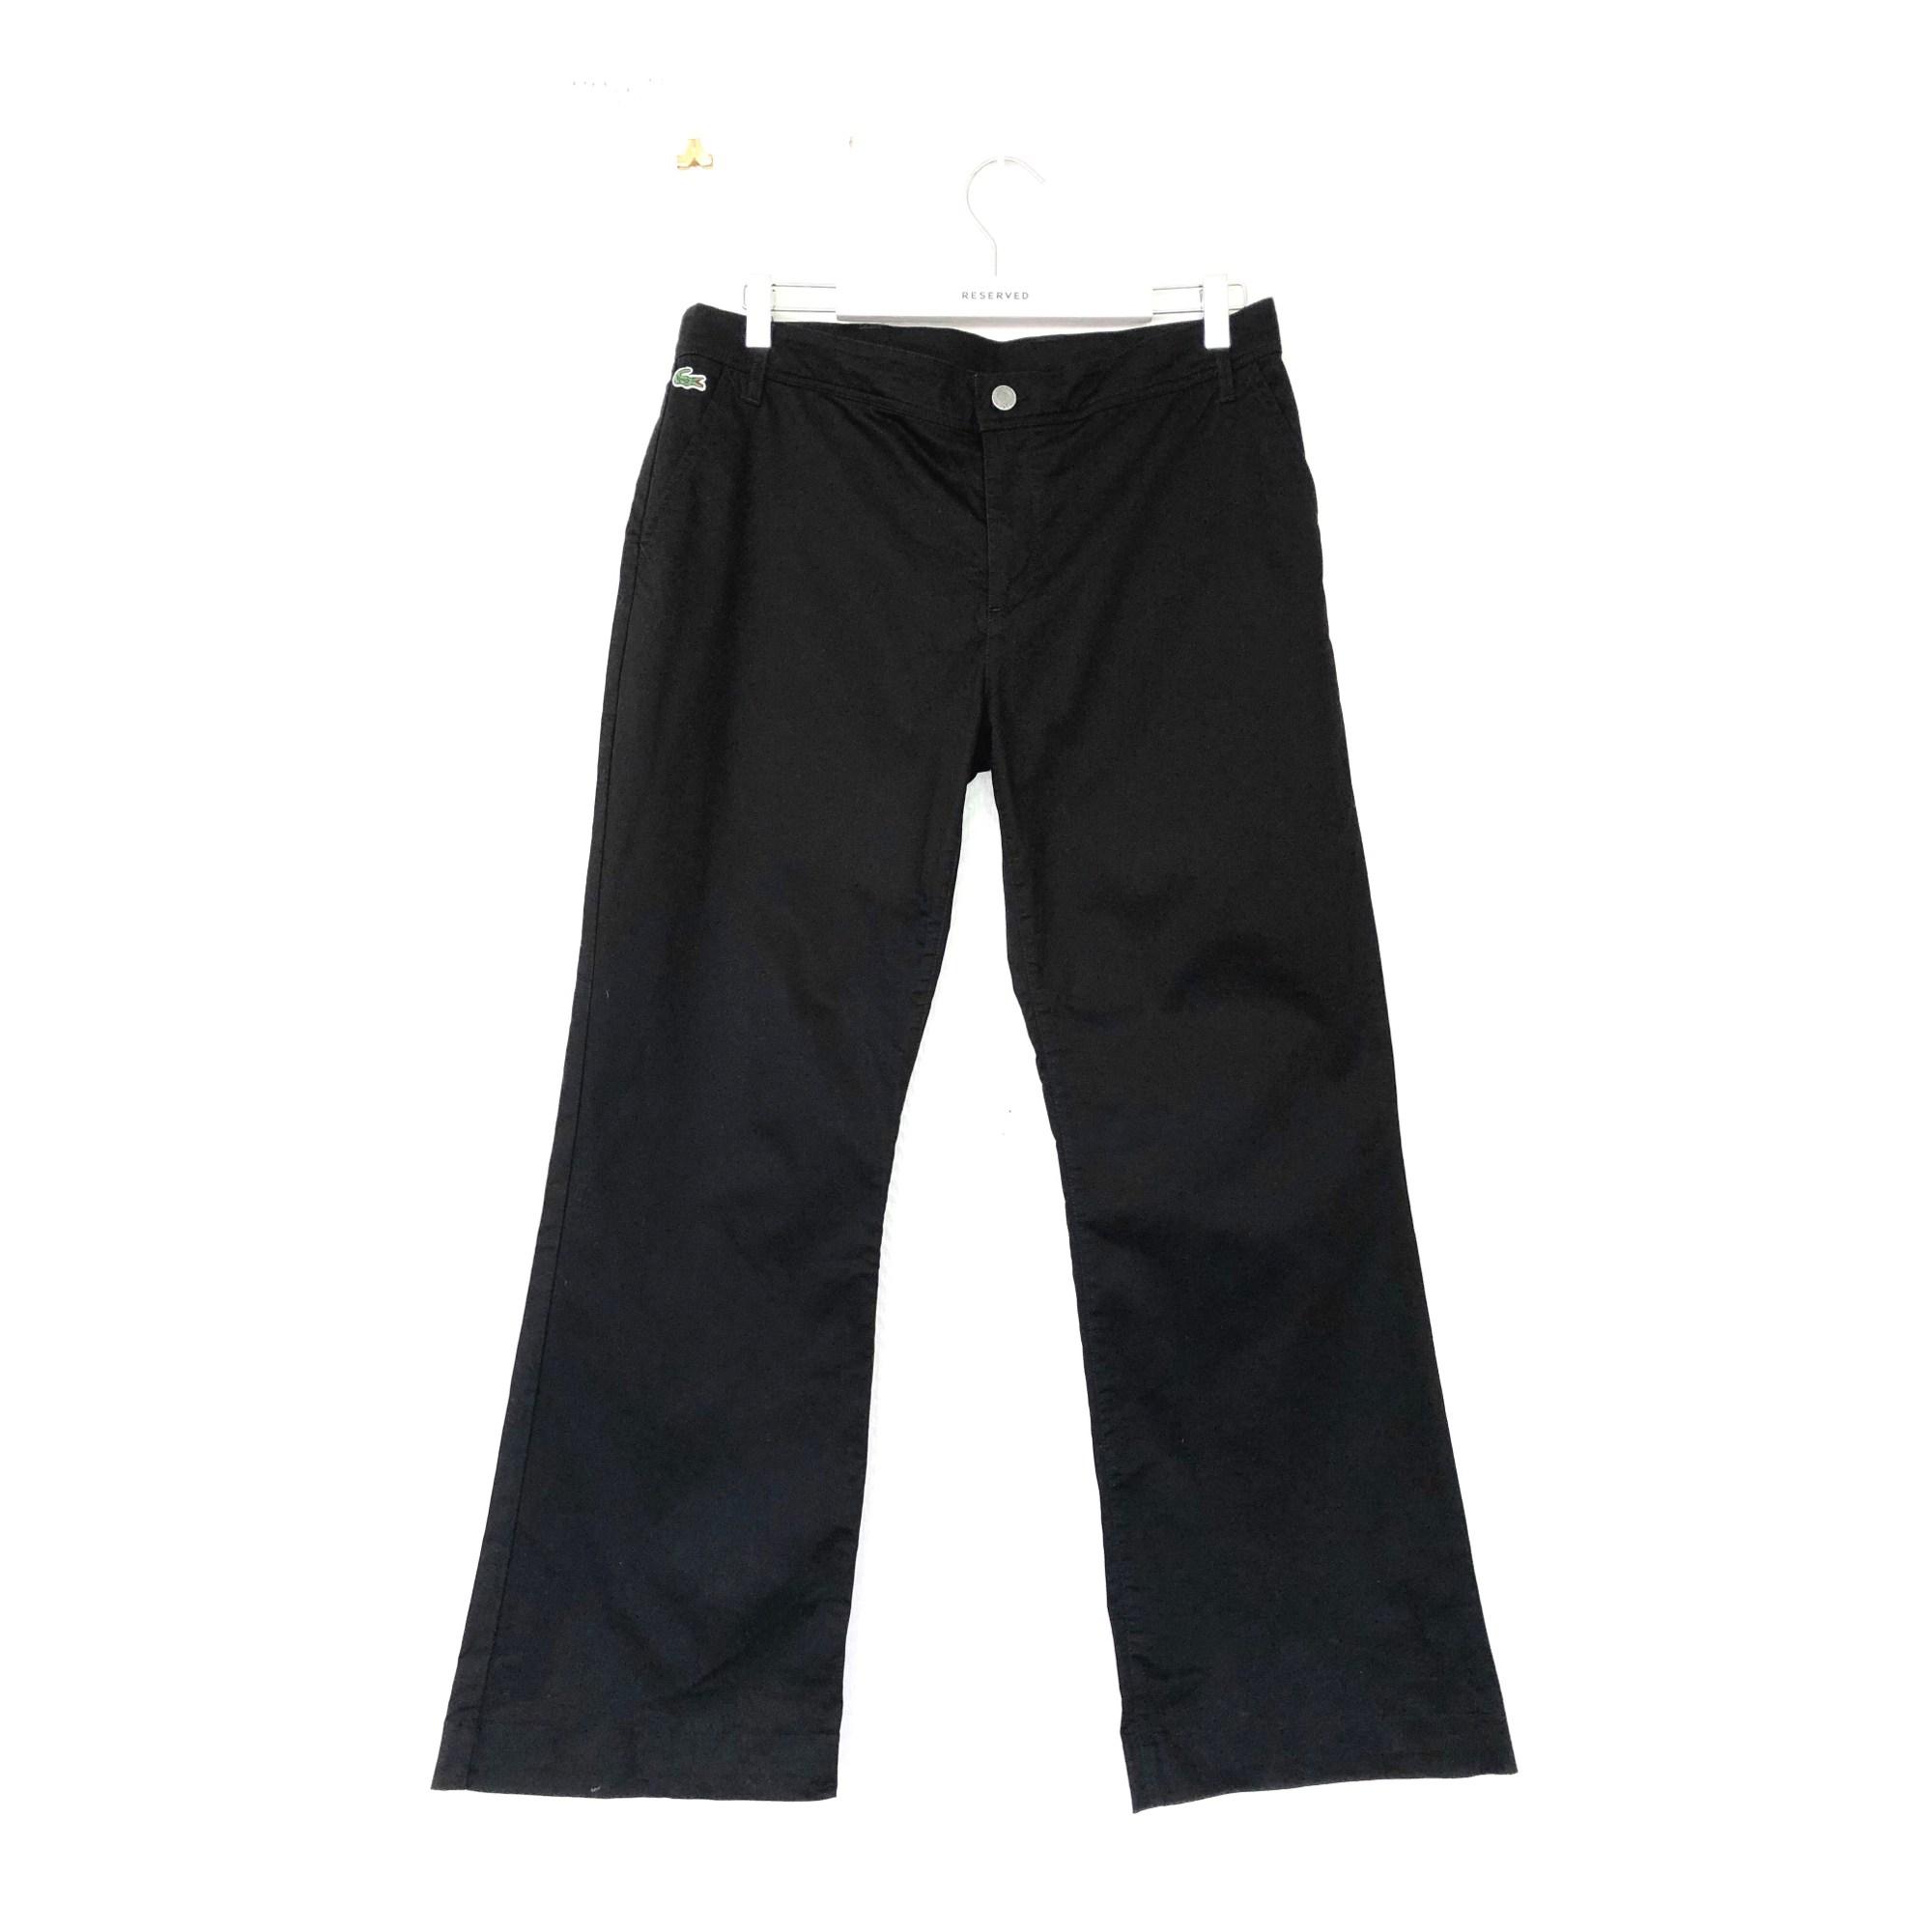 Pantalon large LACOSTE Noir